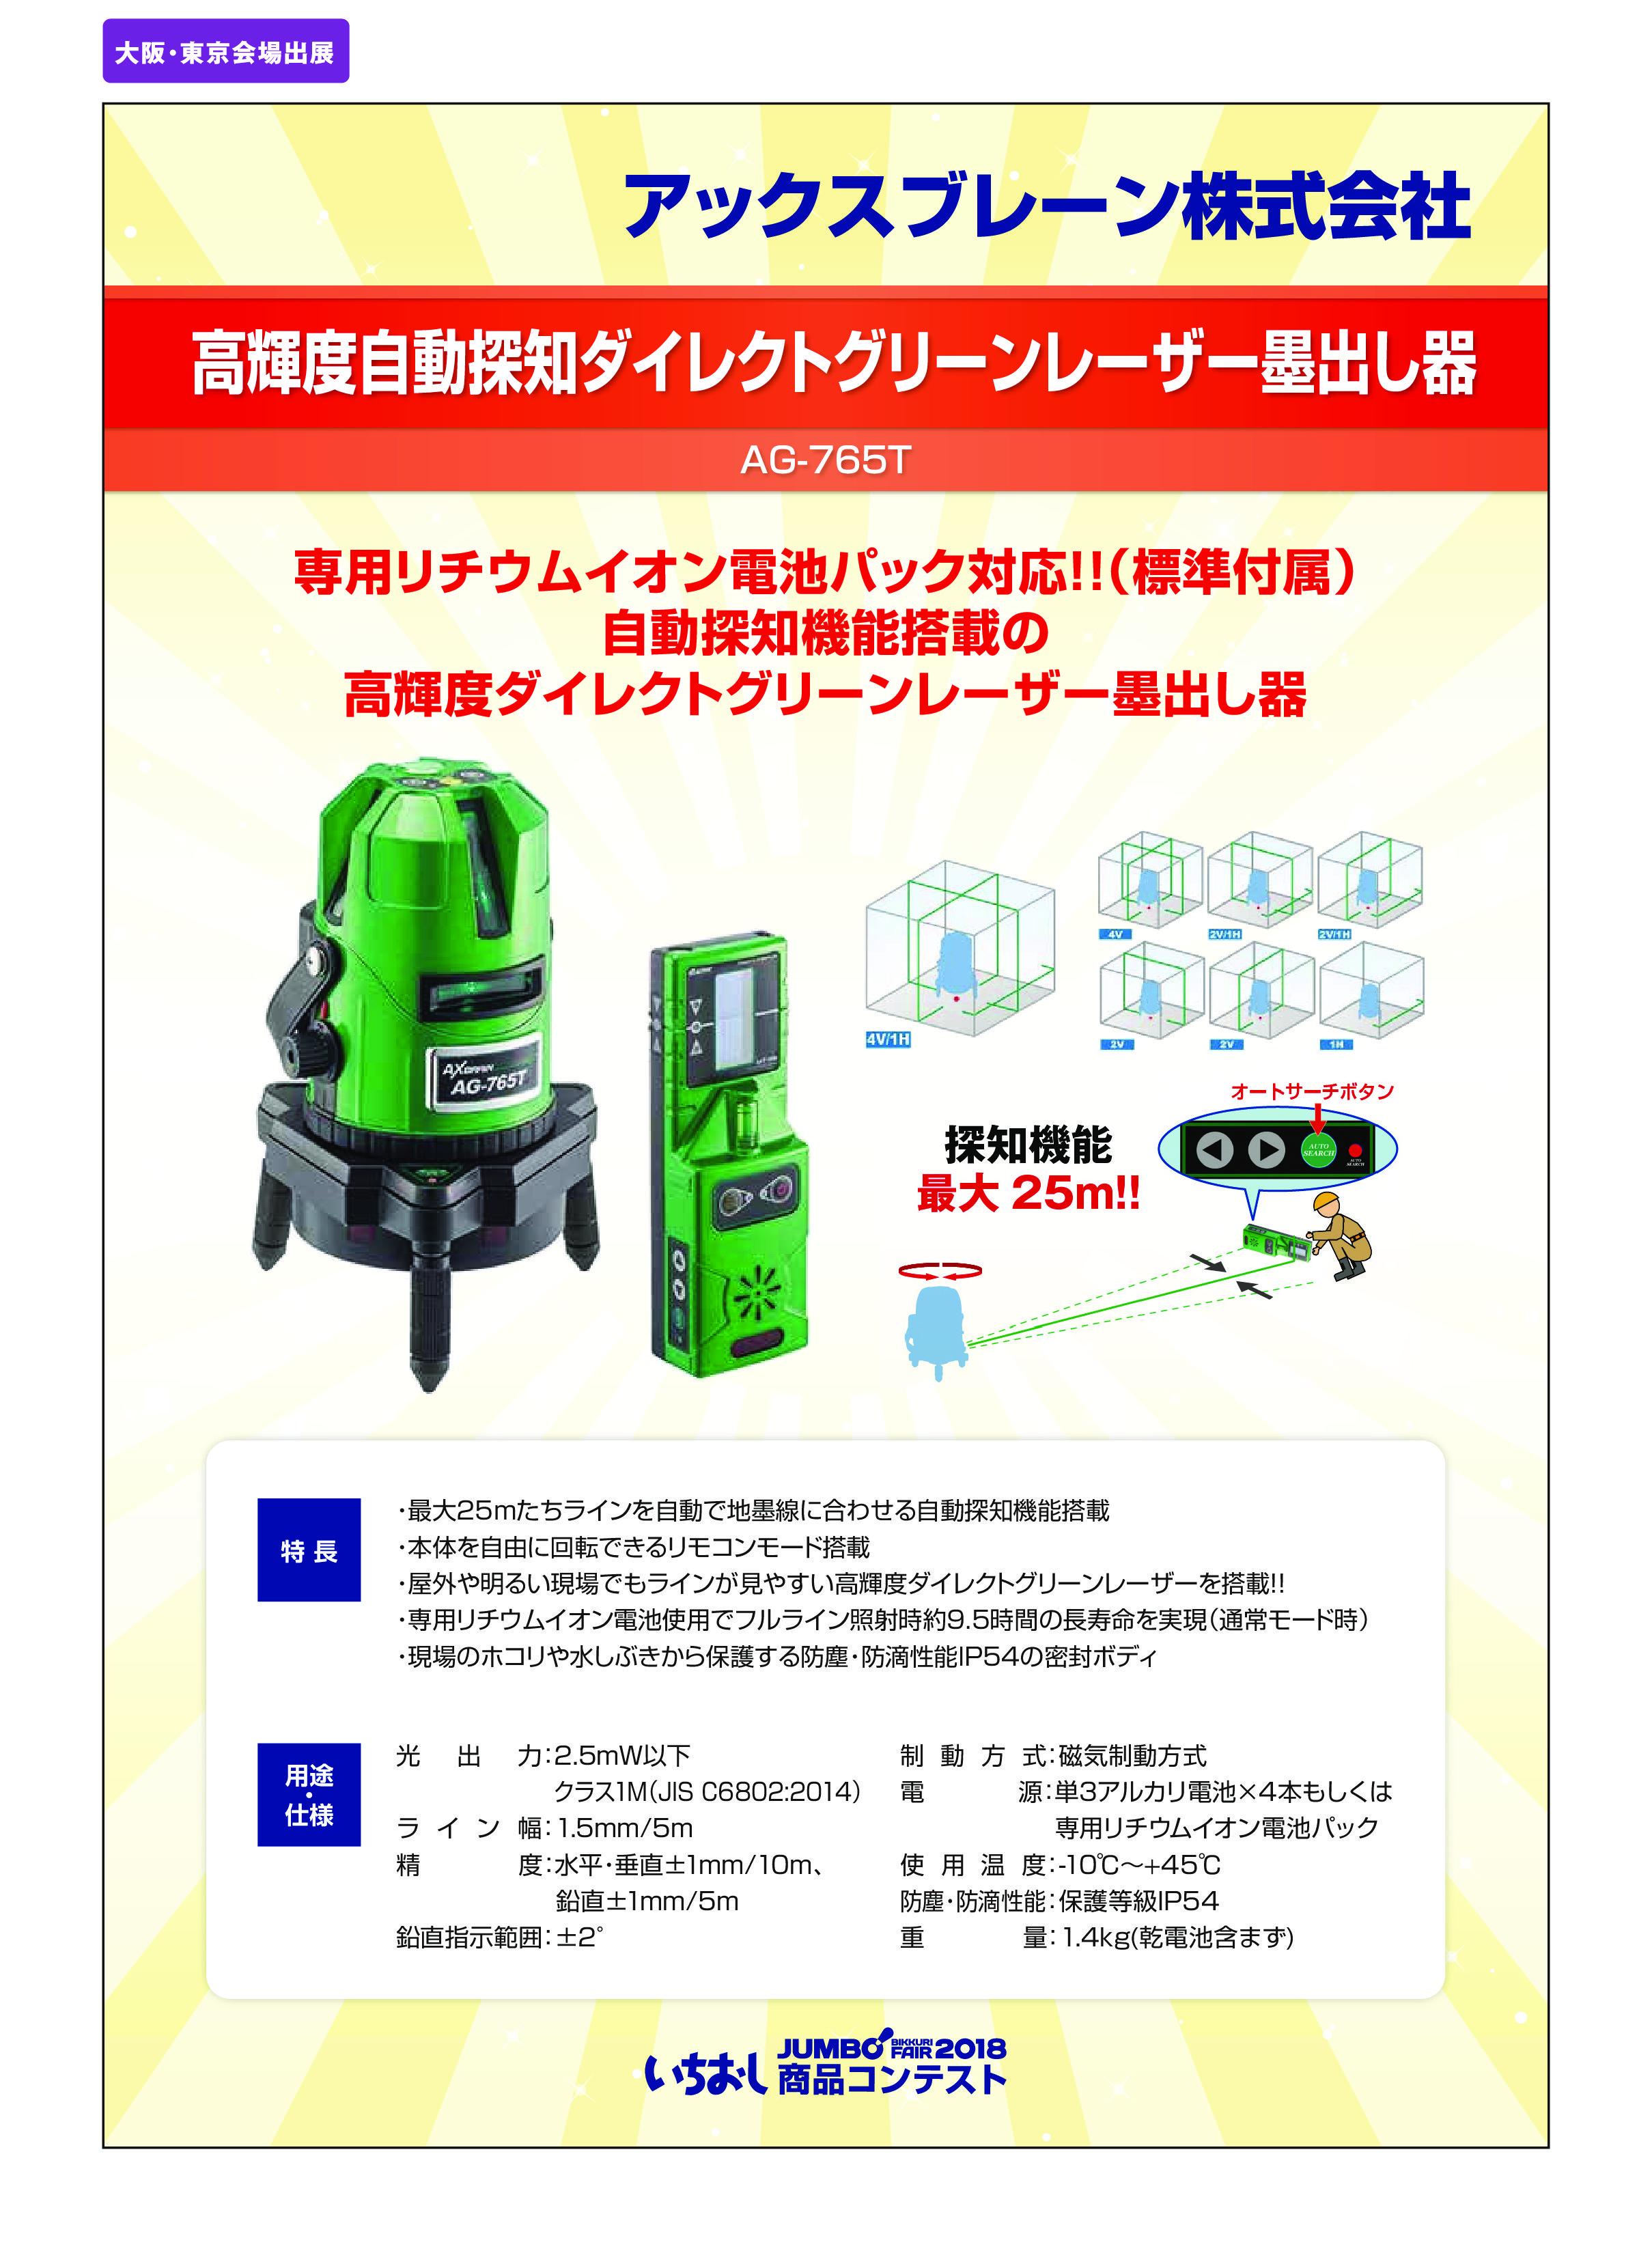 「高輝度自動探知ダイレクトグリーンレーザー墨出し器」アックスブレーン株式会社の画像